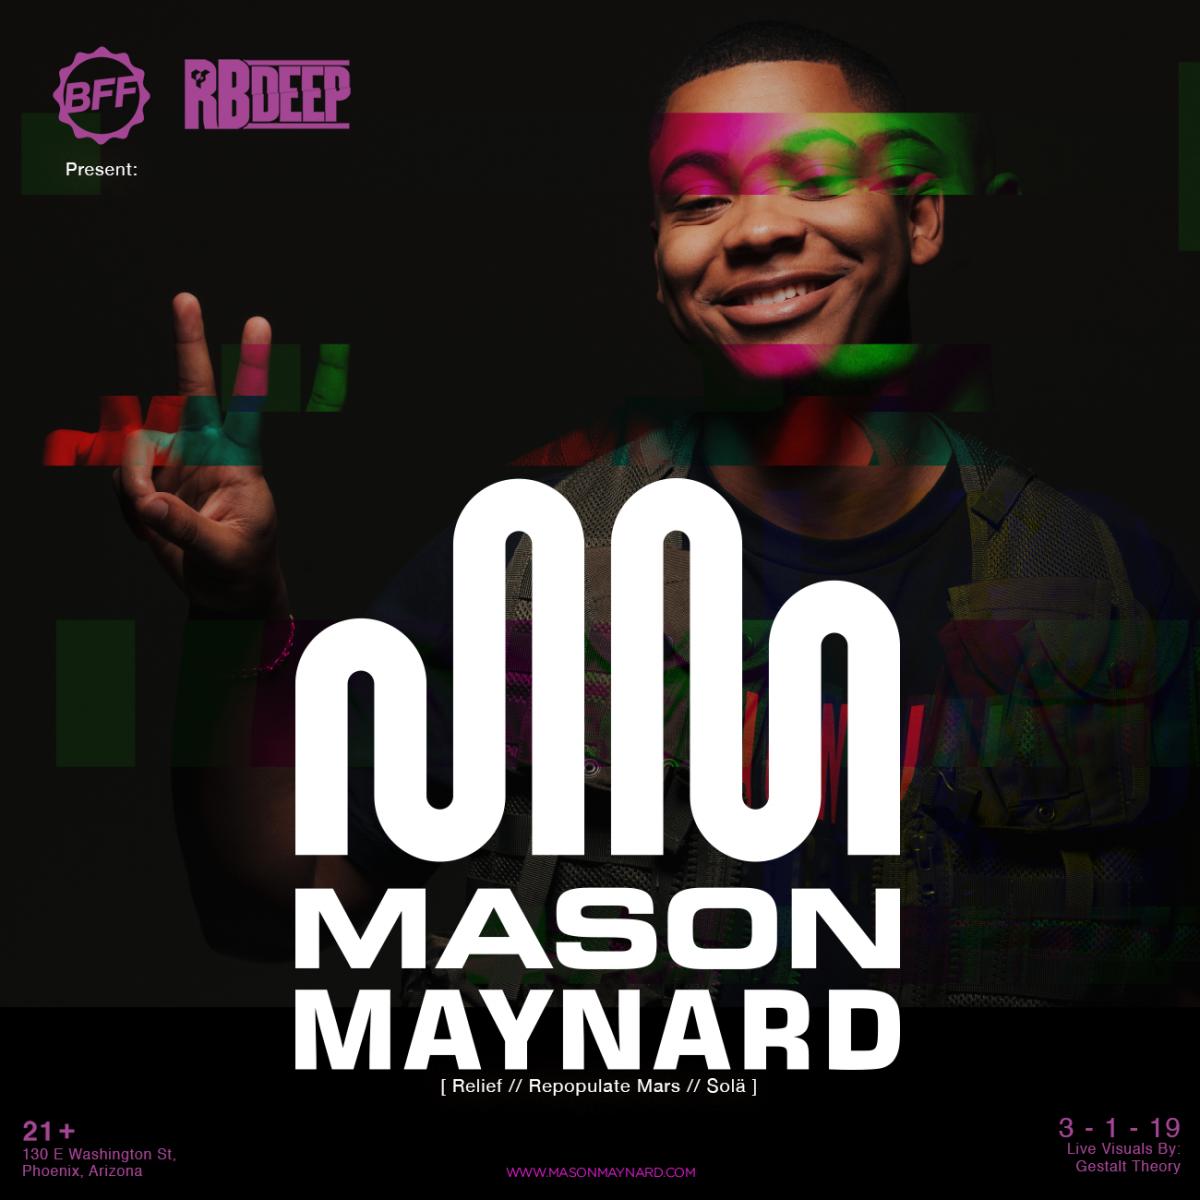 Flyer for Mason Maynard